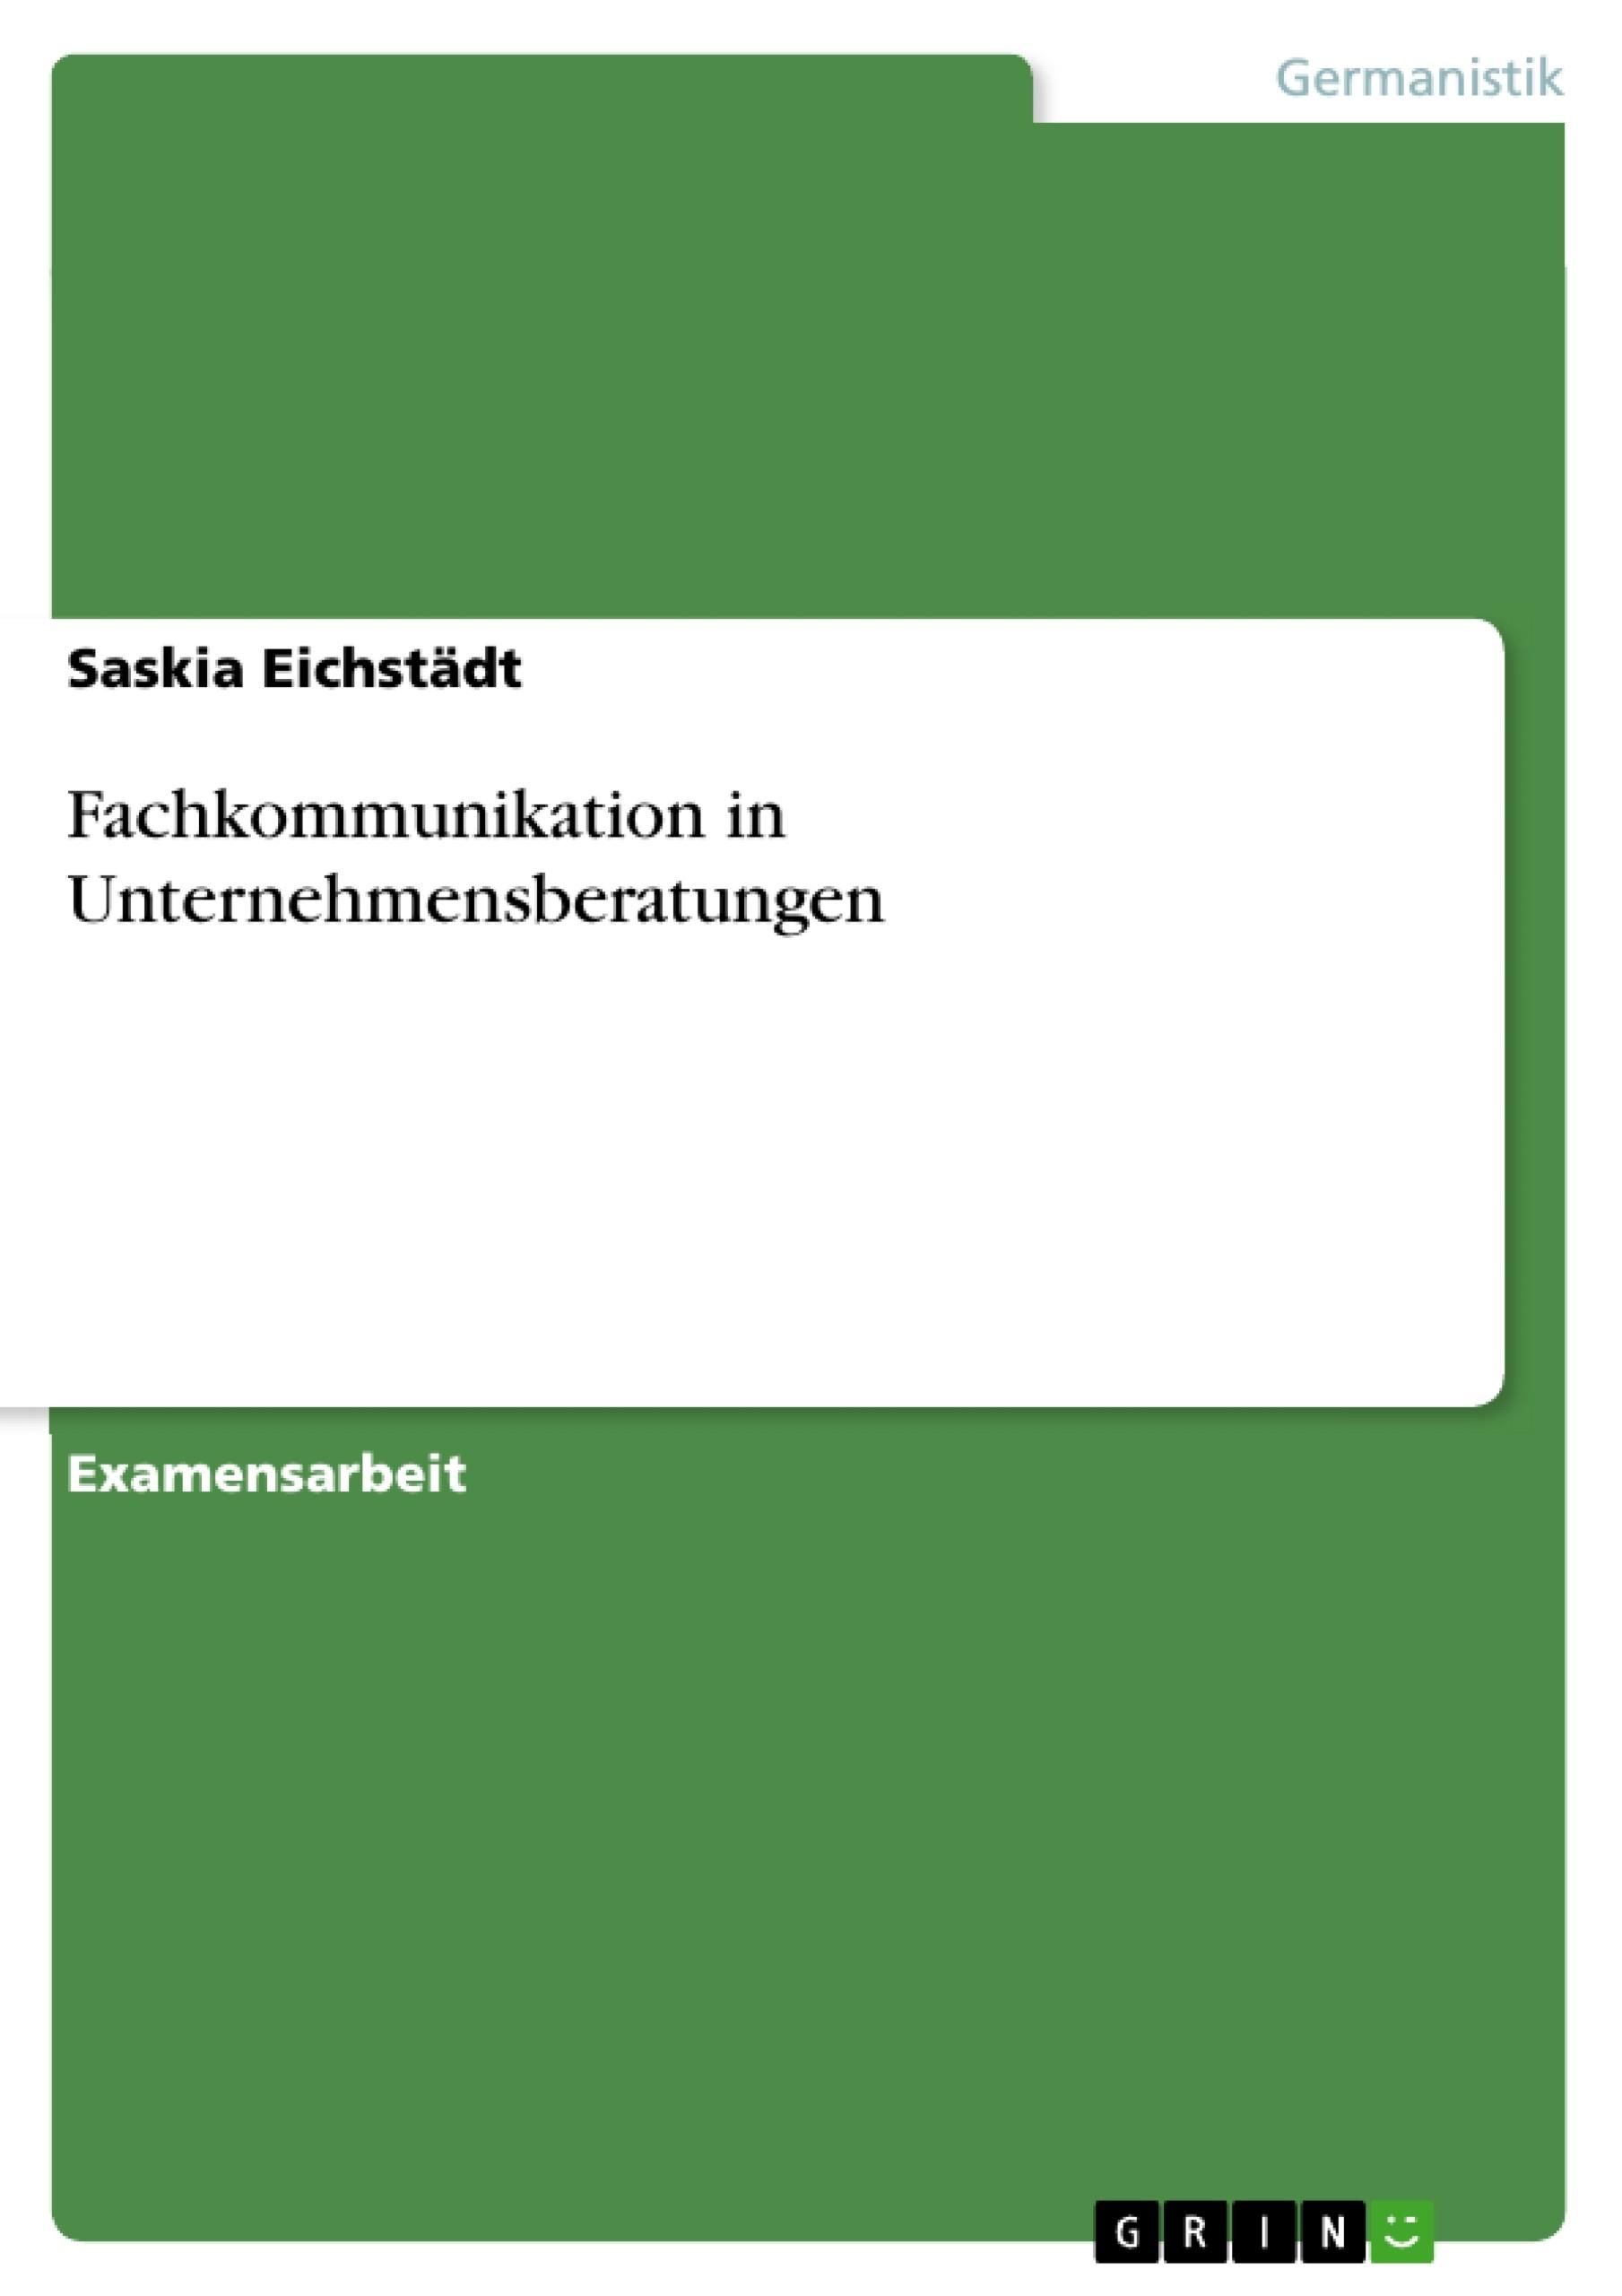 Titel: Fachkommunikation in Unternehmensberatungen